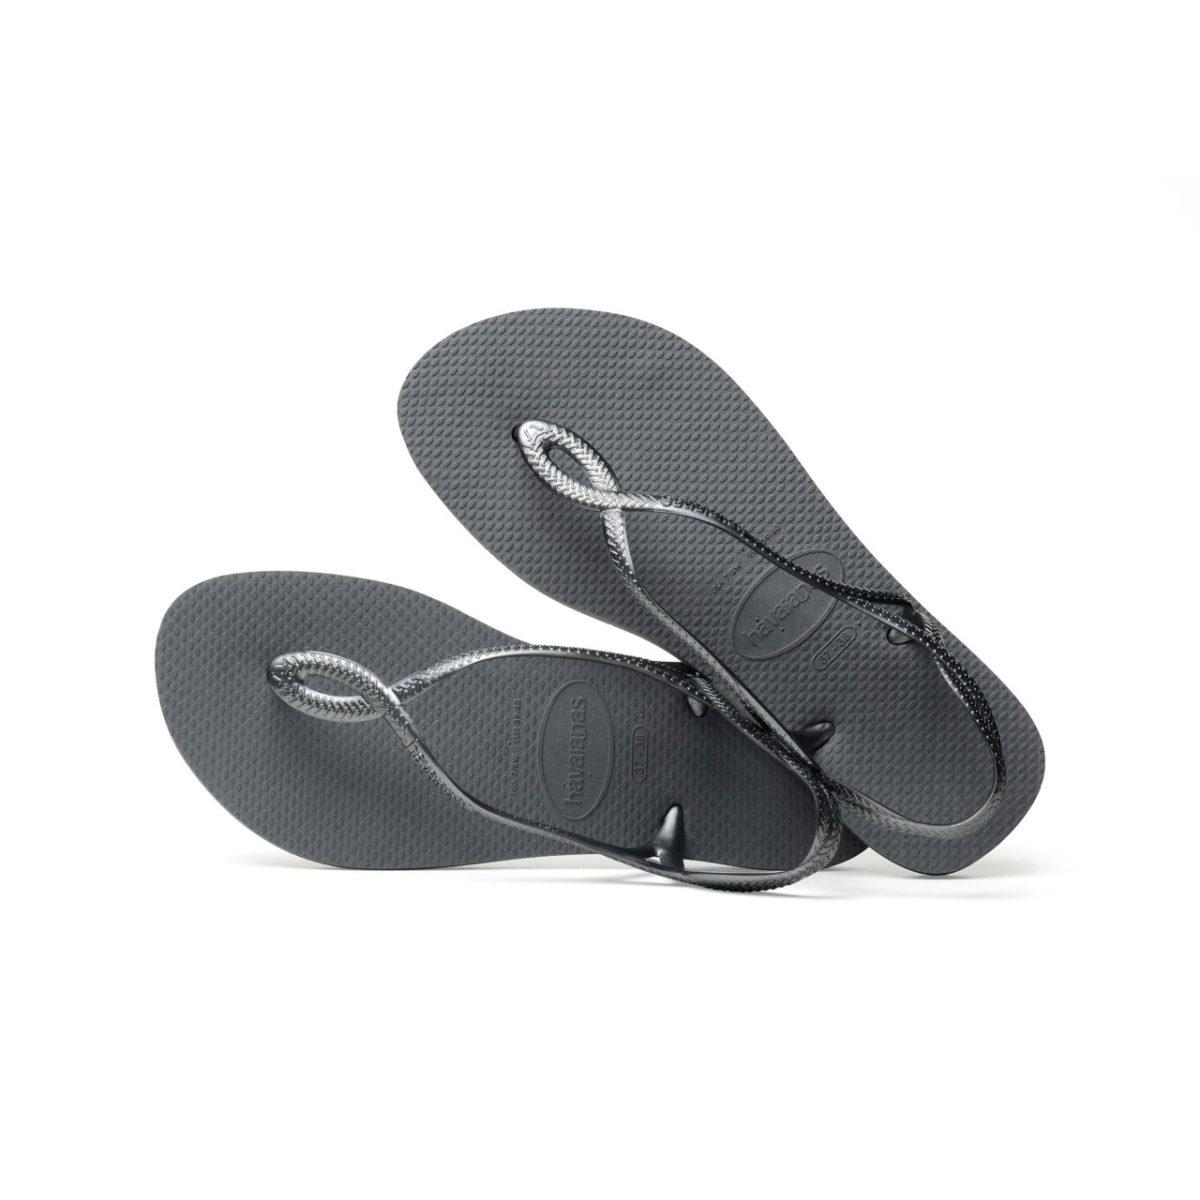 Havaianas Flipflops Sandale Badeschuh Zehentrenner Luna Steel Grey Badelatschen Badeschlappen